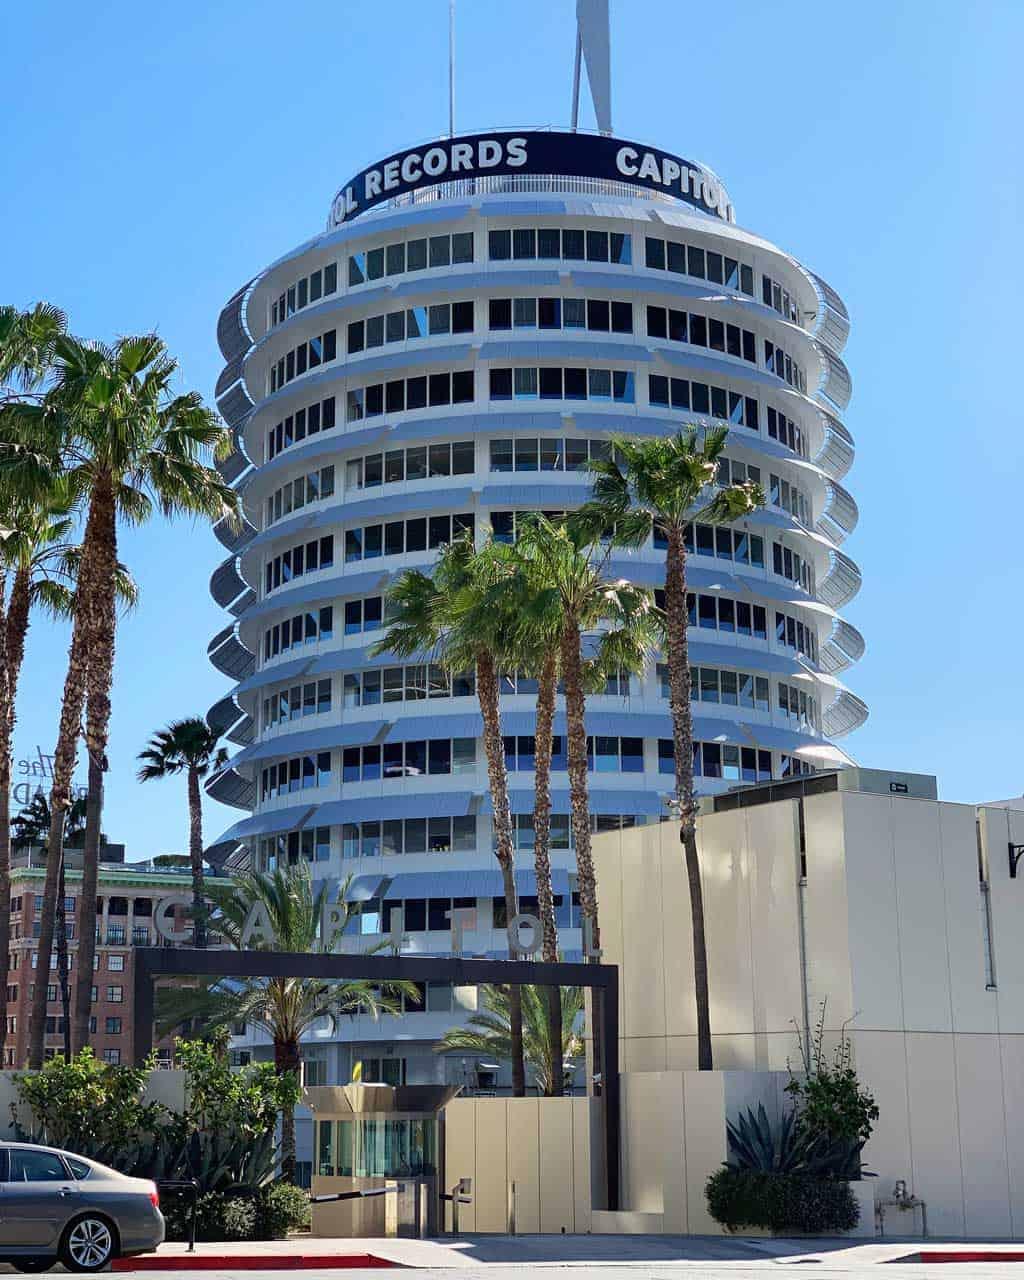 The home of Capitol Records — LA